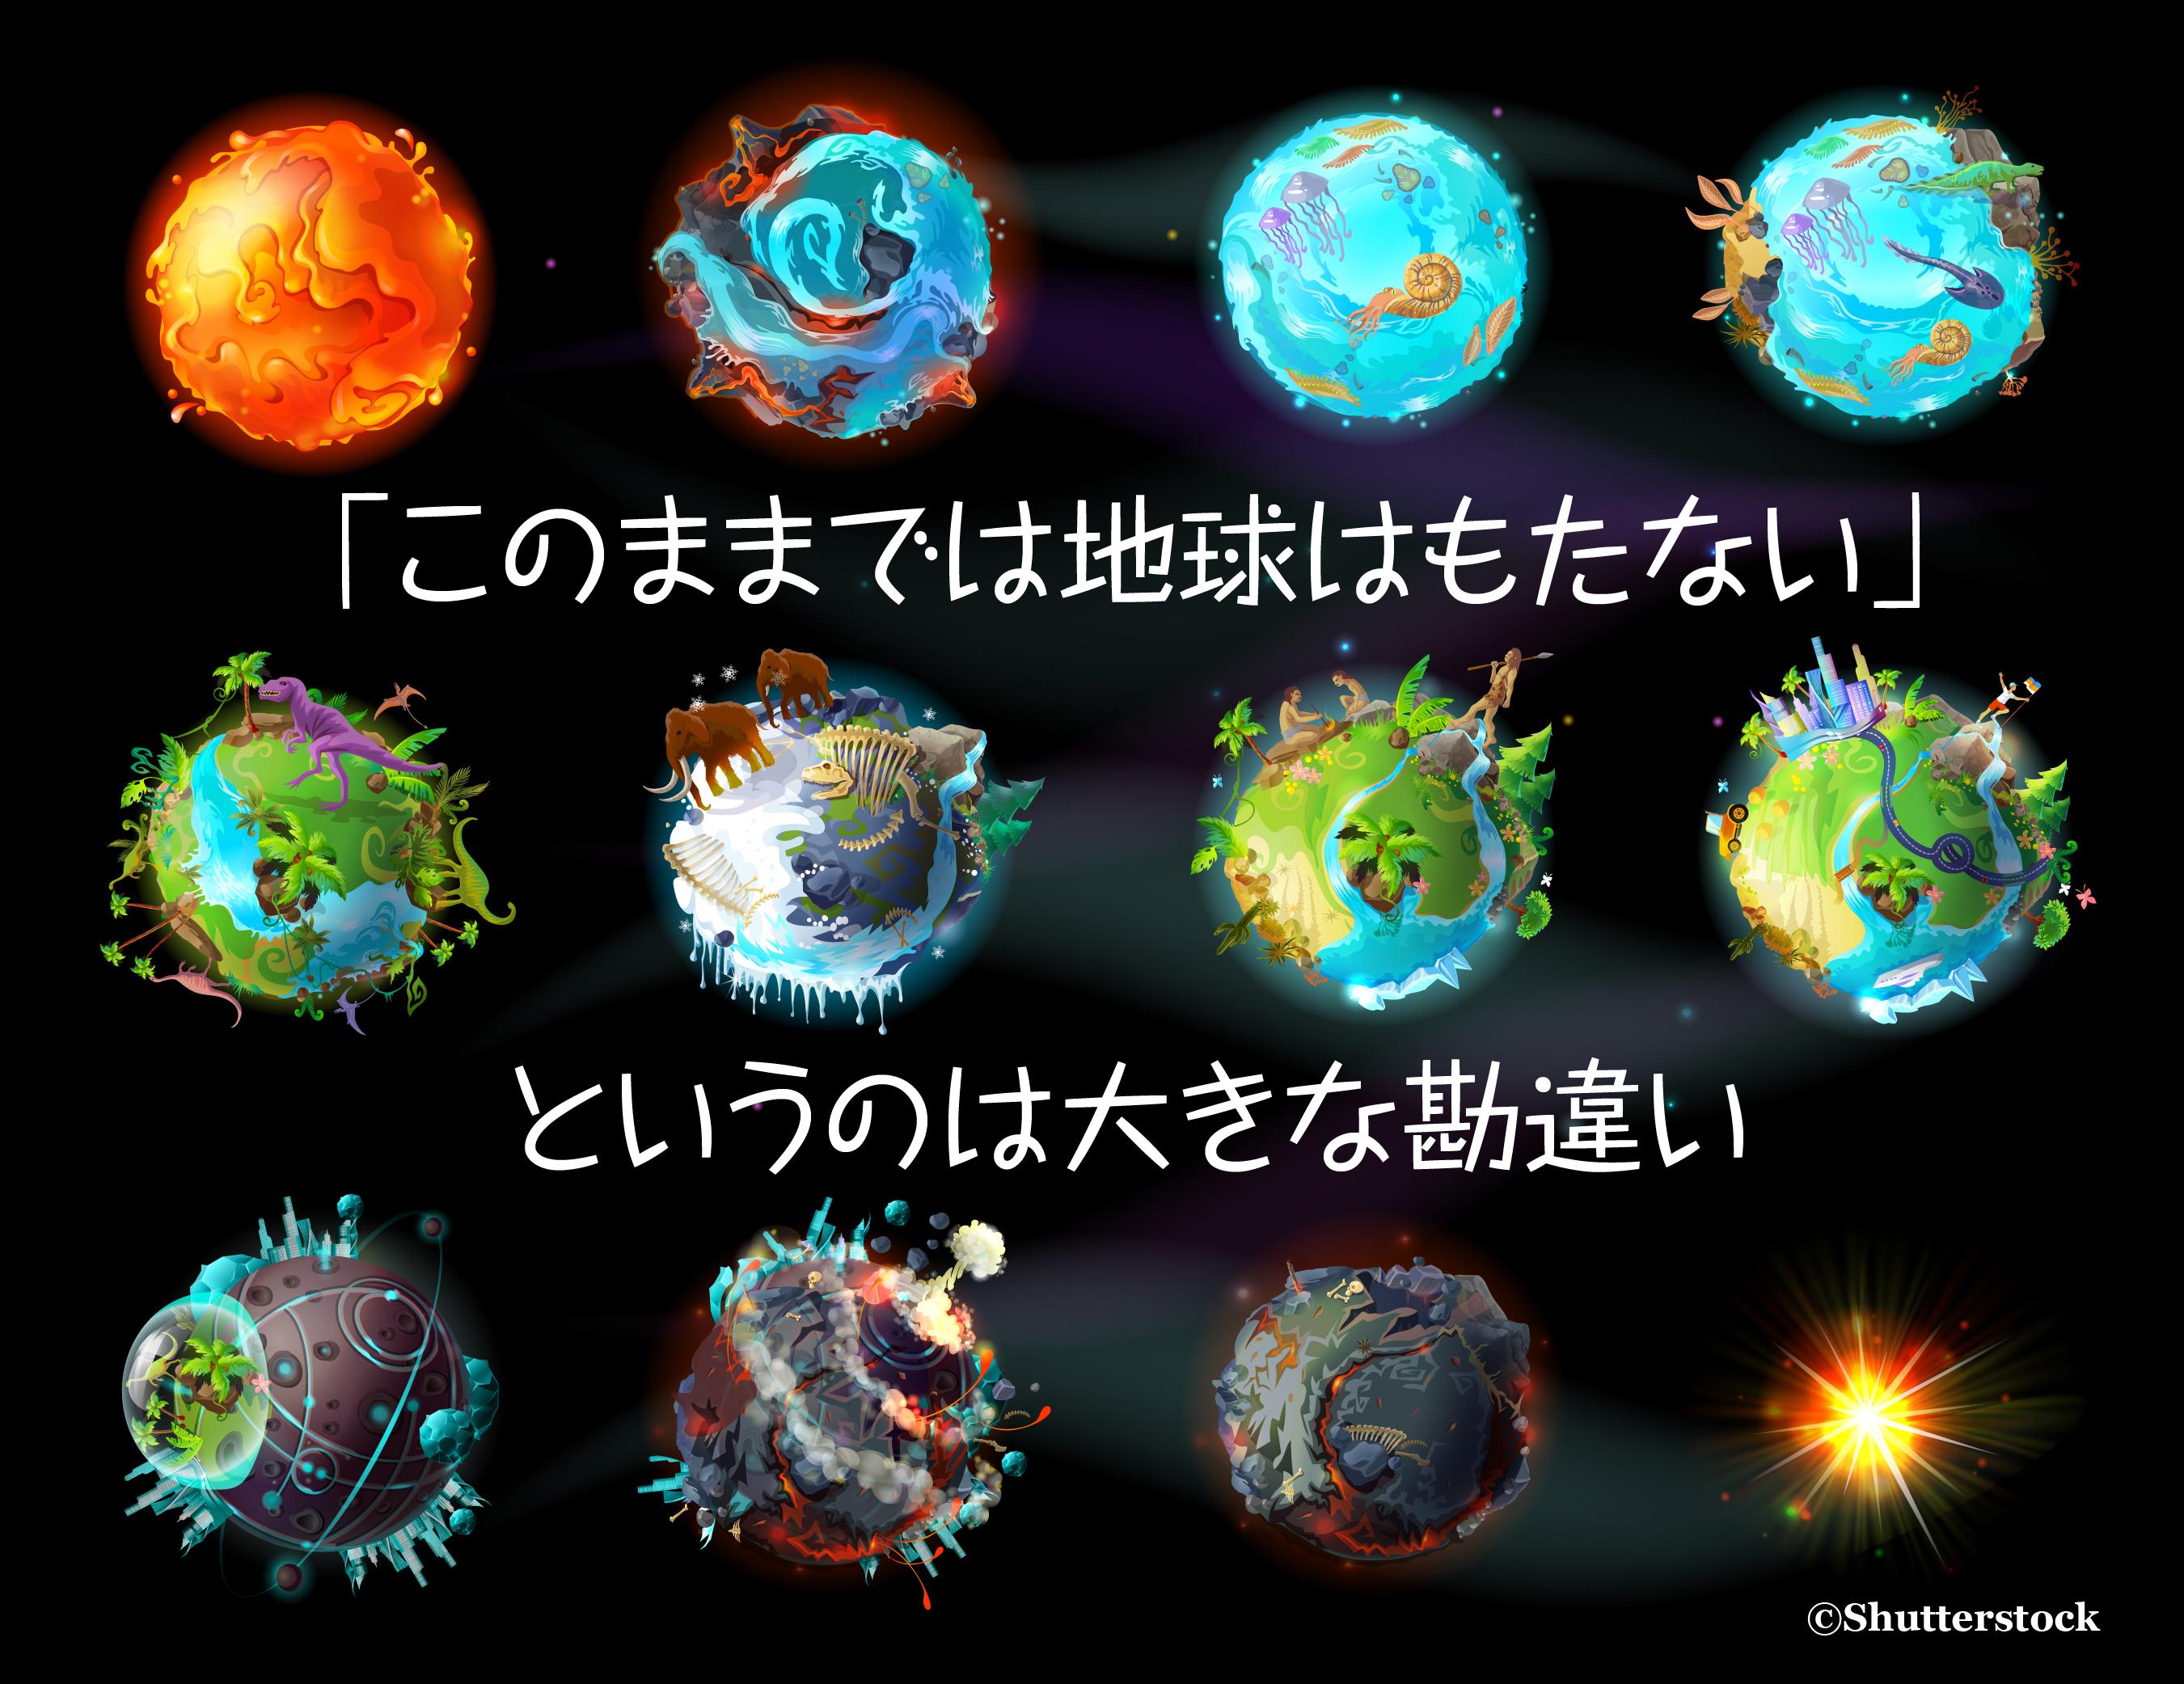 「このままでは地球はもたない」というのは大きな勘違い